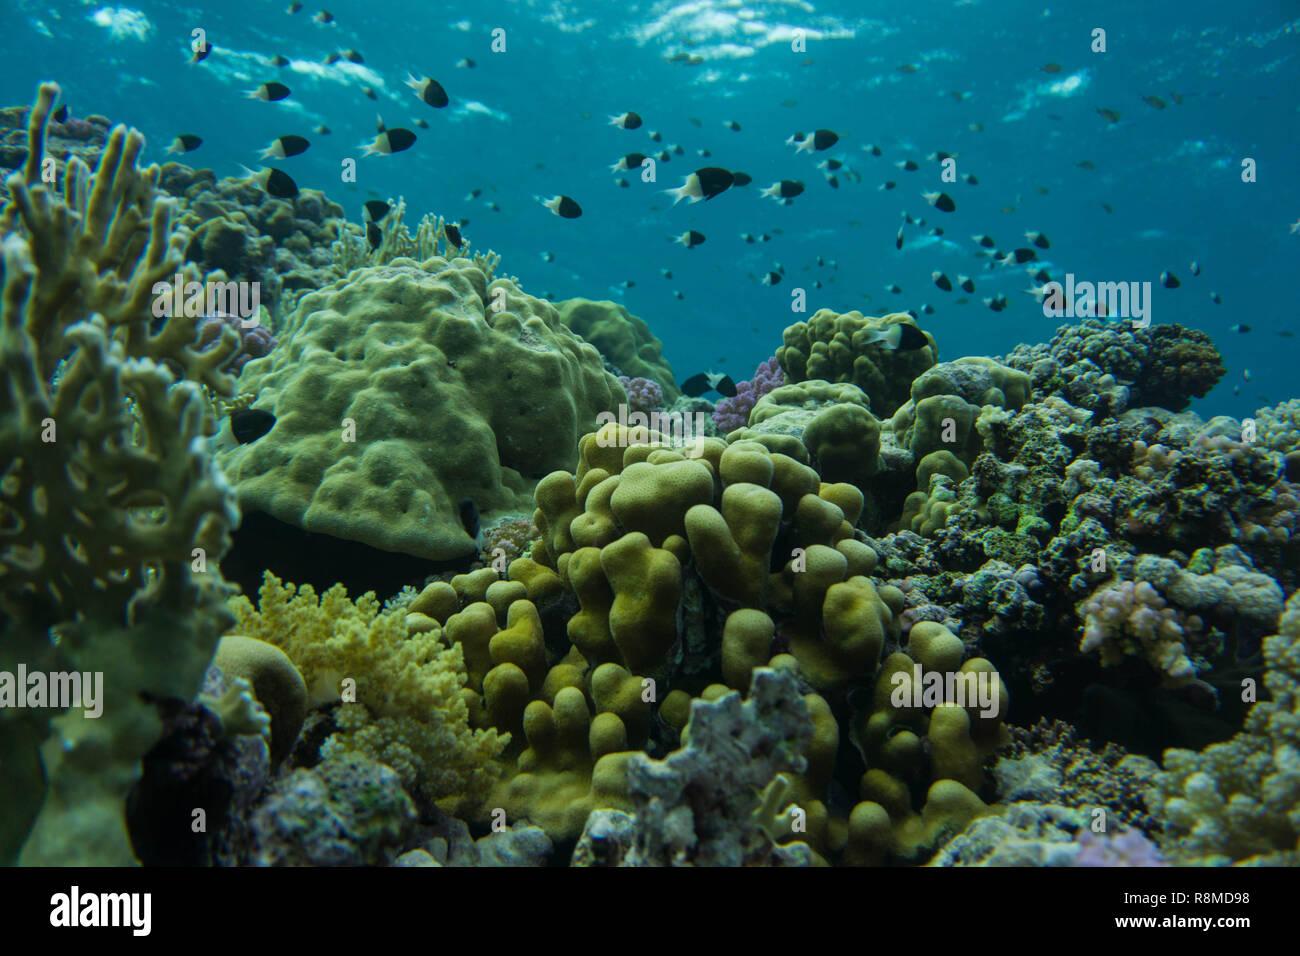 Wunderschöne Korallenbänke am Roten Meer. Auch die sind wundervoll Fischschwärme Foto de stock